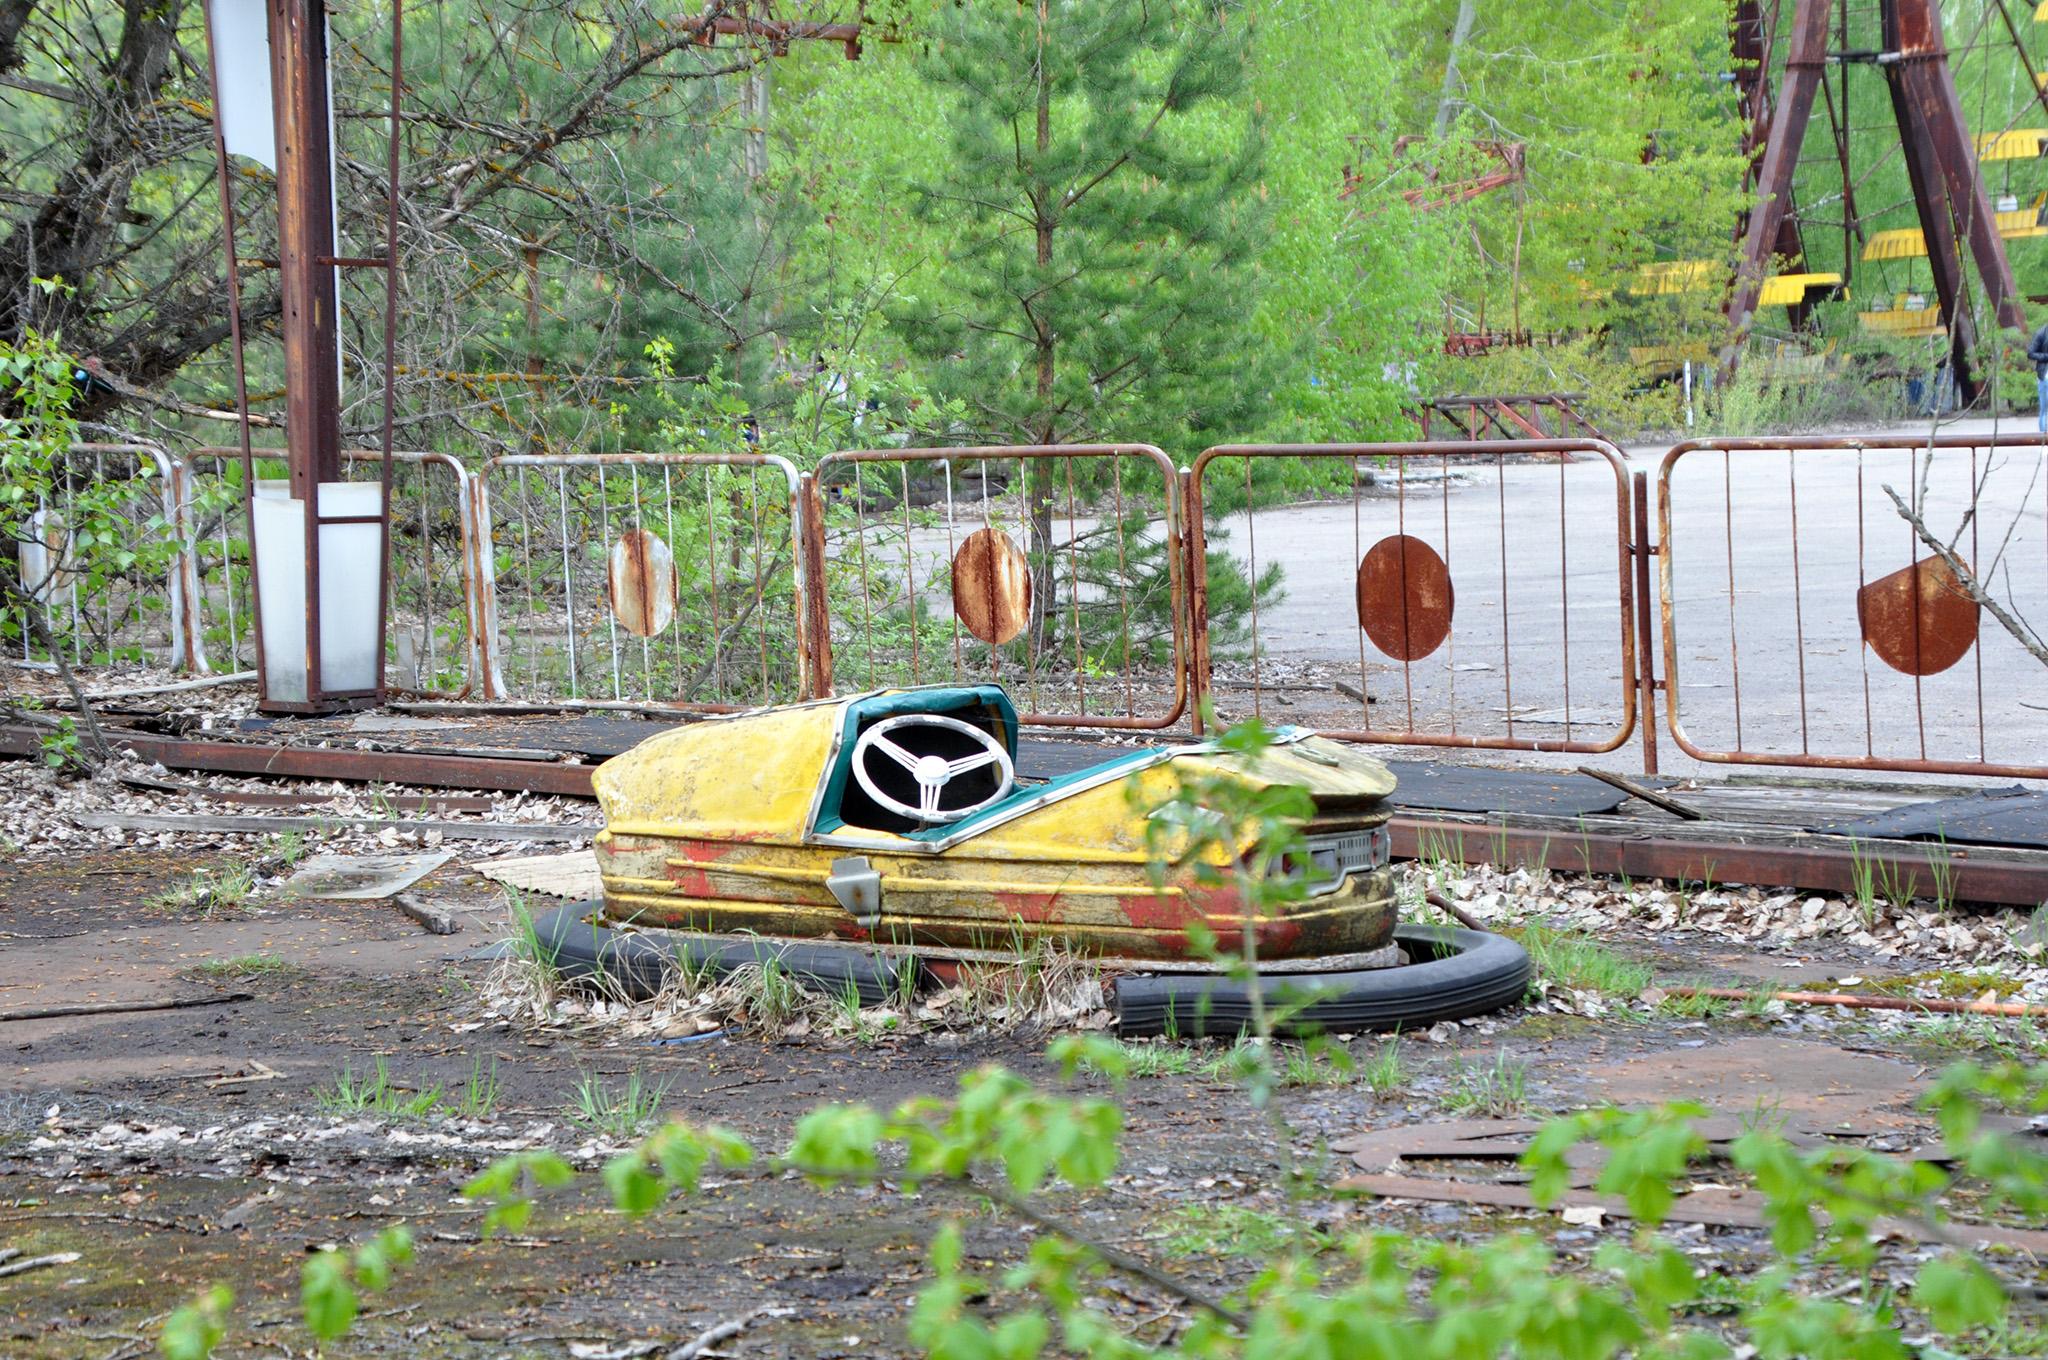 Visitar Chernóbil - Visitar Chernobyl Ucrania Ukraine Pripyat visitar chernóbil - 47045817274 1835108afe o - Visitar Chernóbil: el lugar más contaminado del planeta